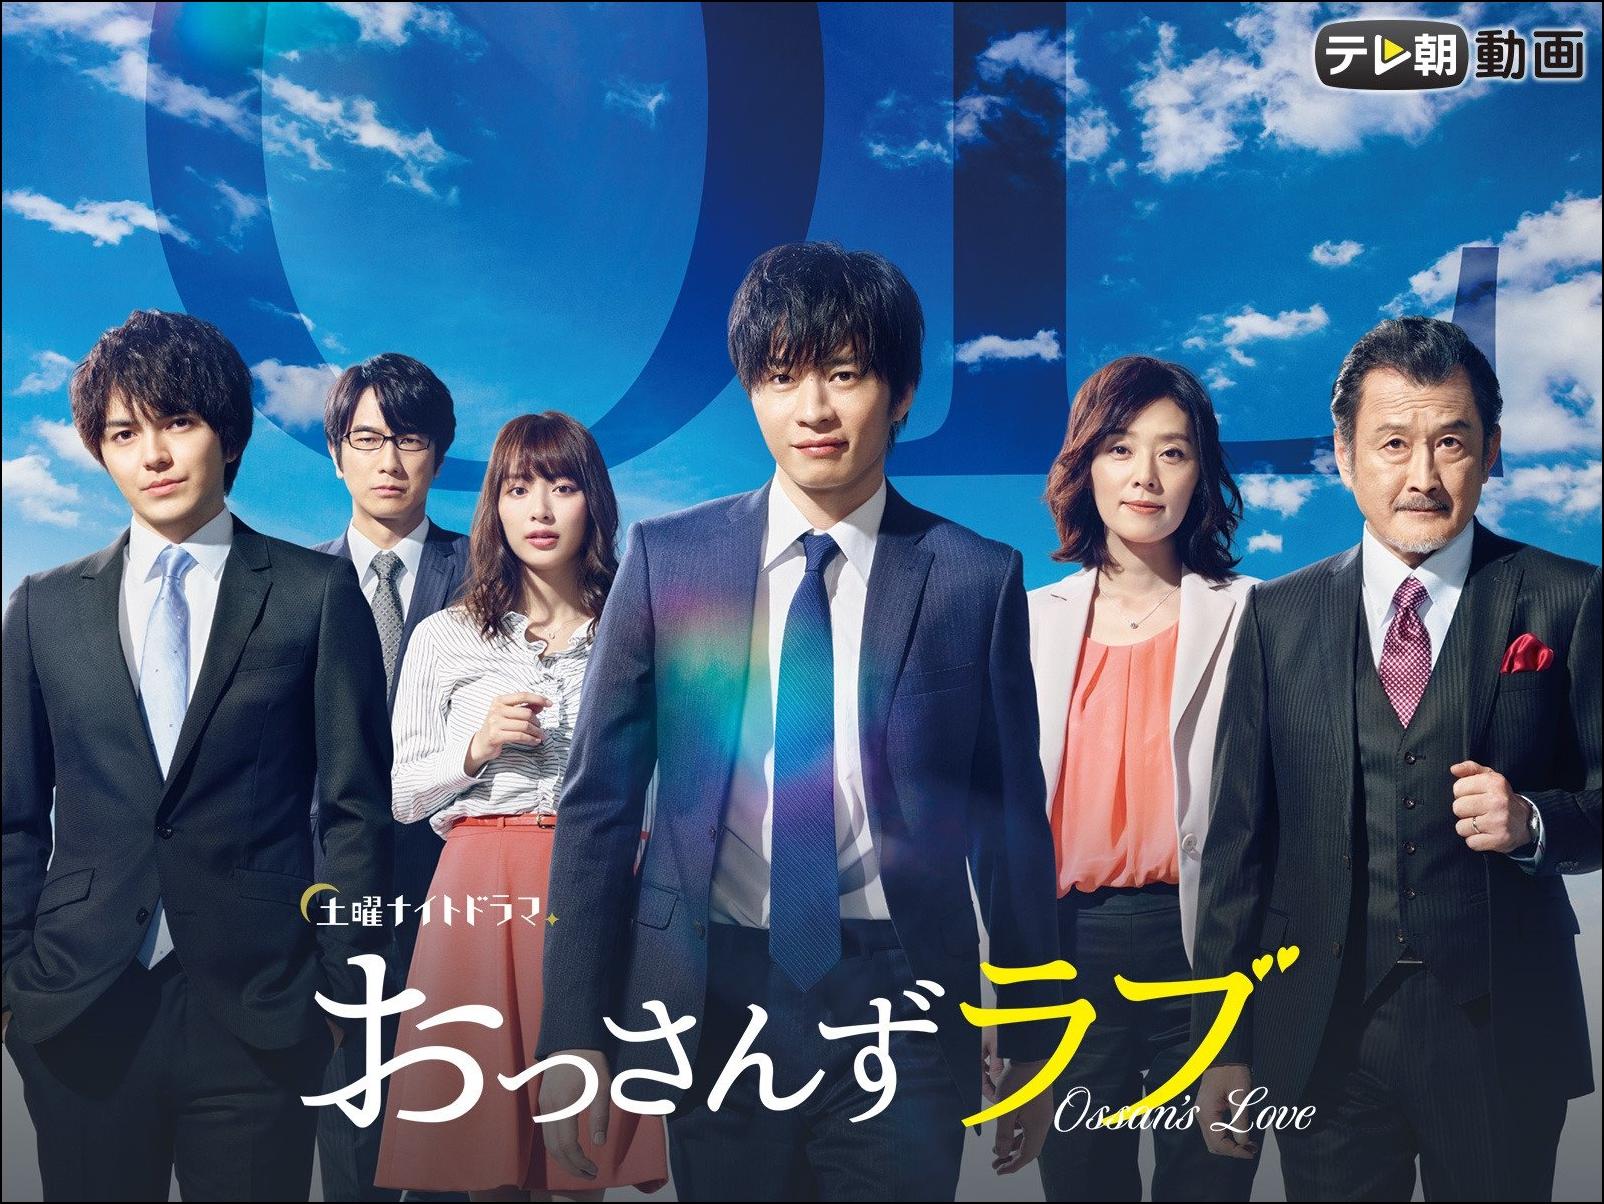 田中圭の出演作品!おっさんずラブはどうやって見る?動画を安全に視聴する方法!